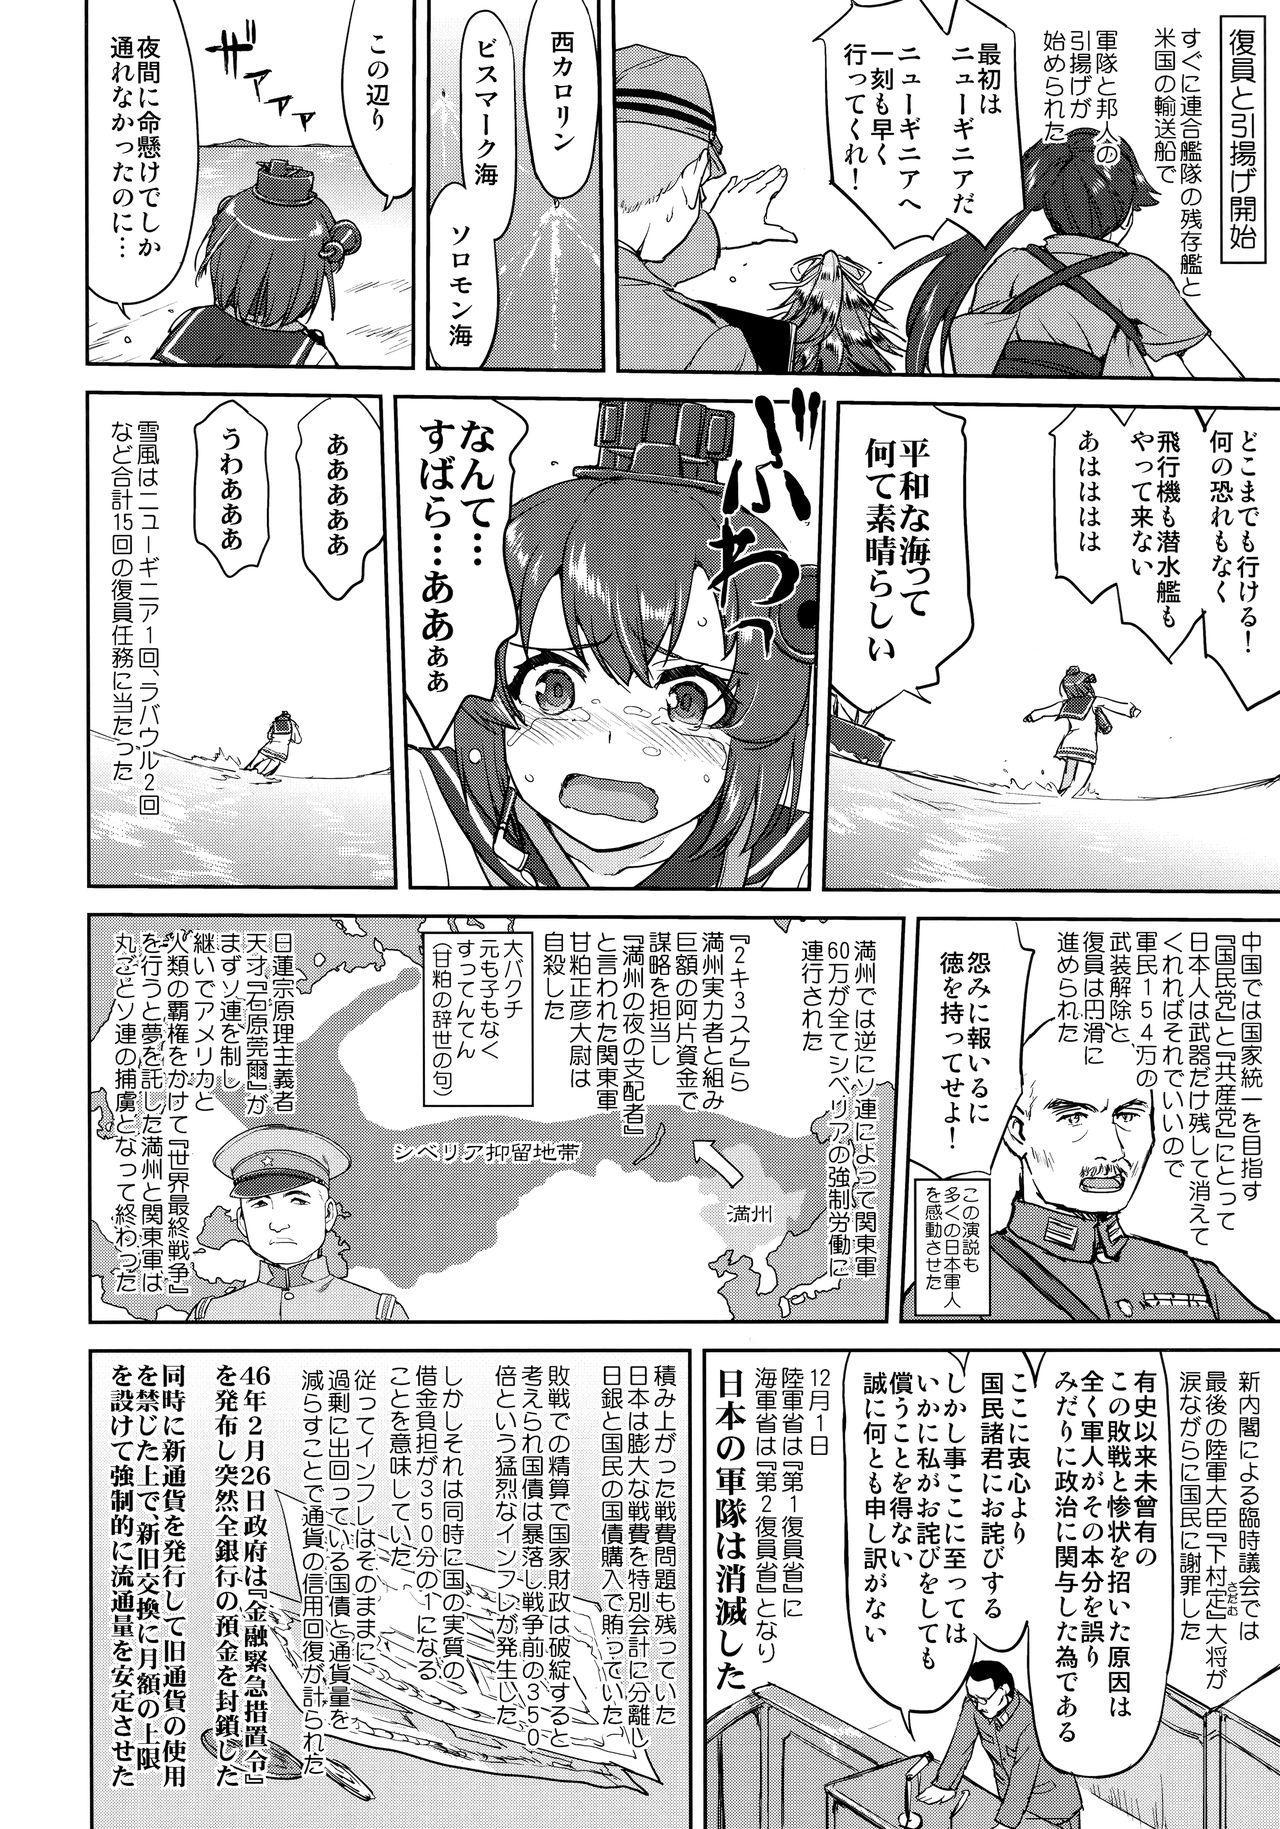 Teitoku no Ketsudan Kanmusu no Ichiban Nagai Hi 52